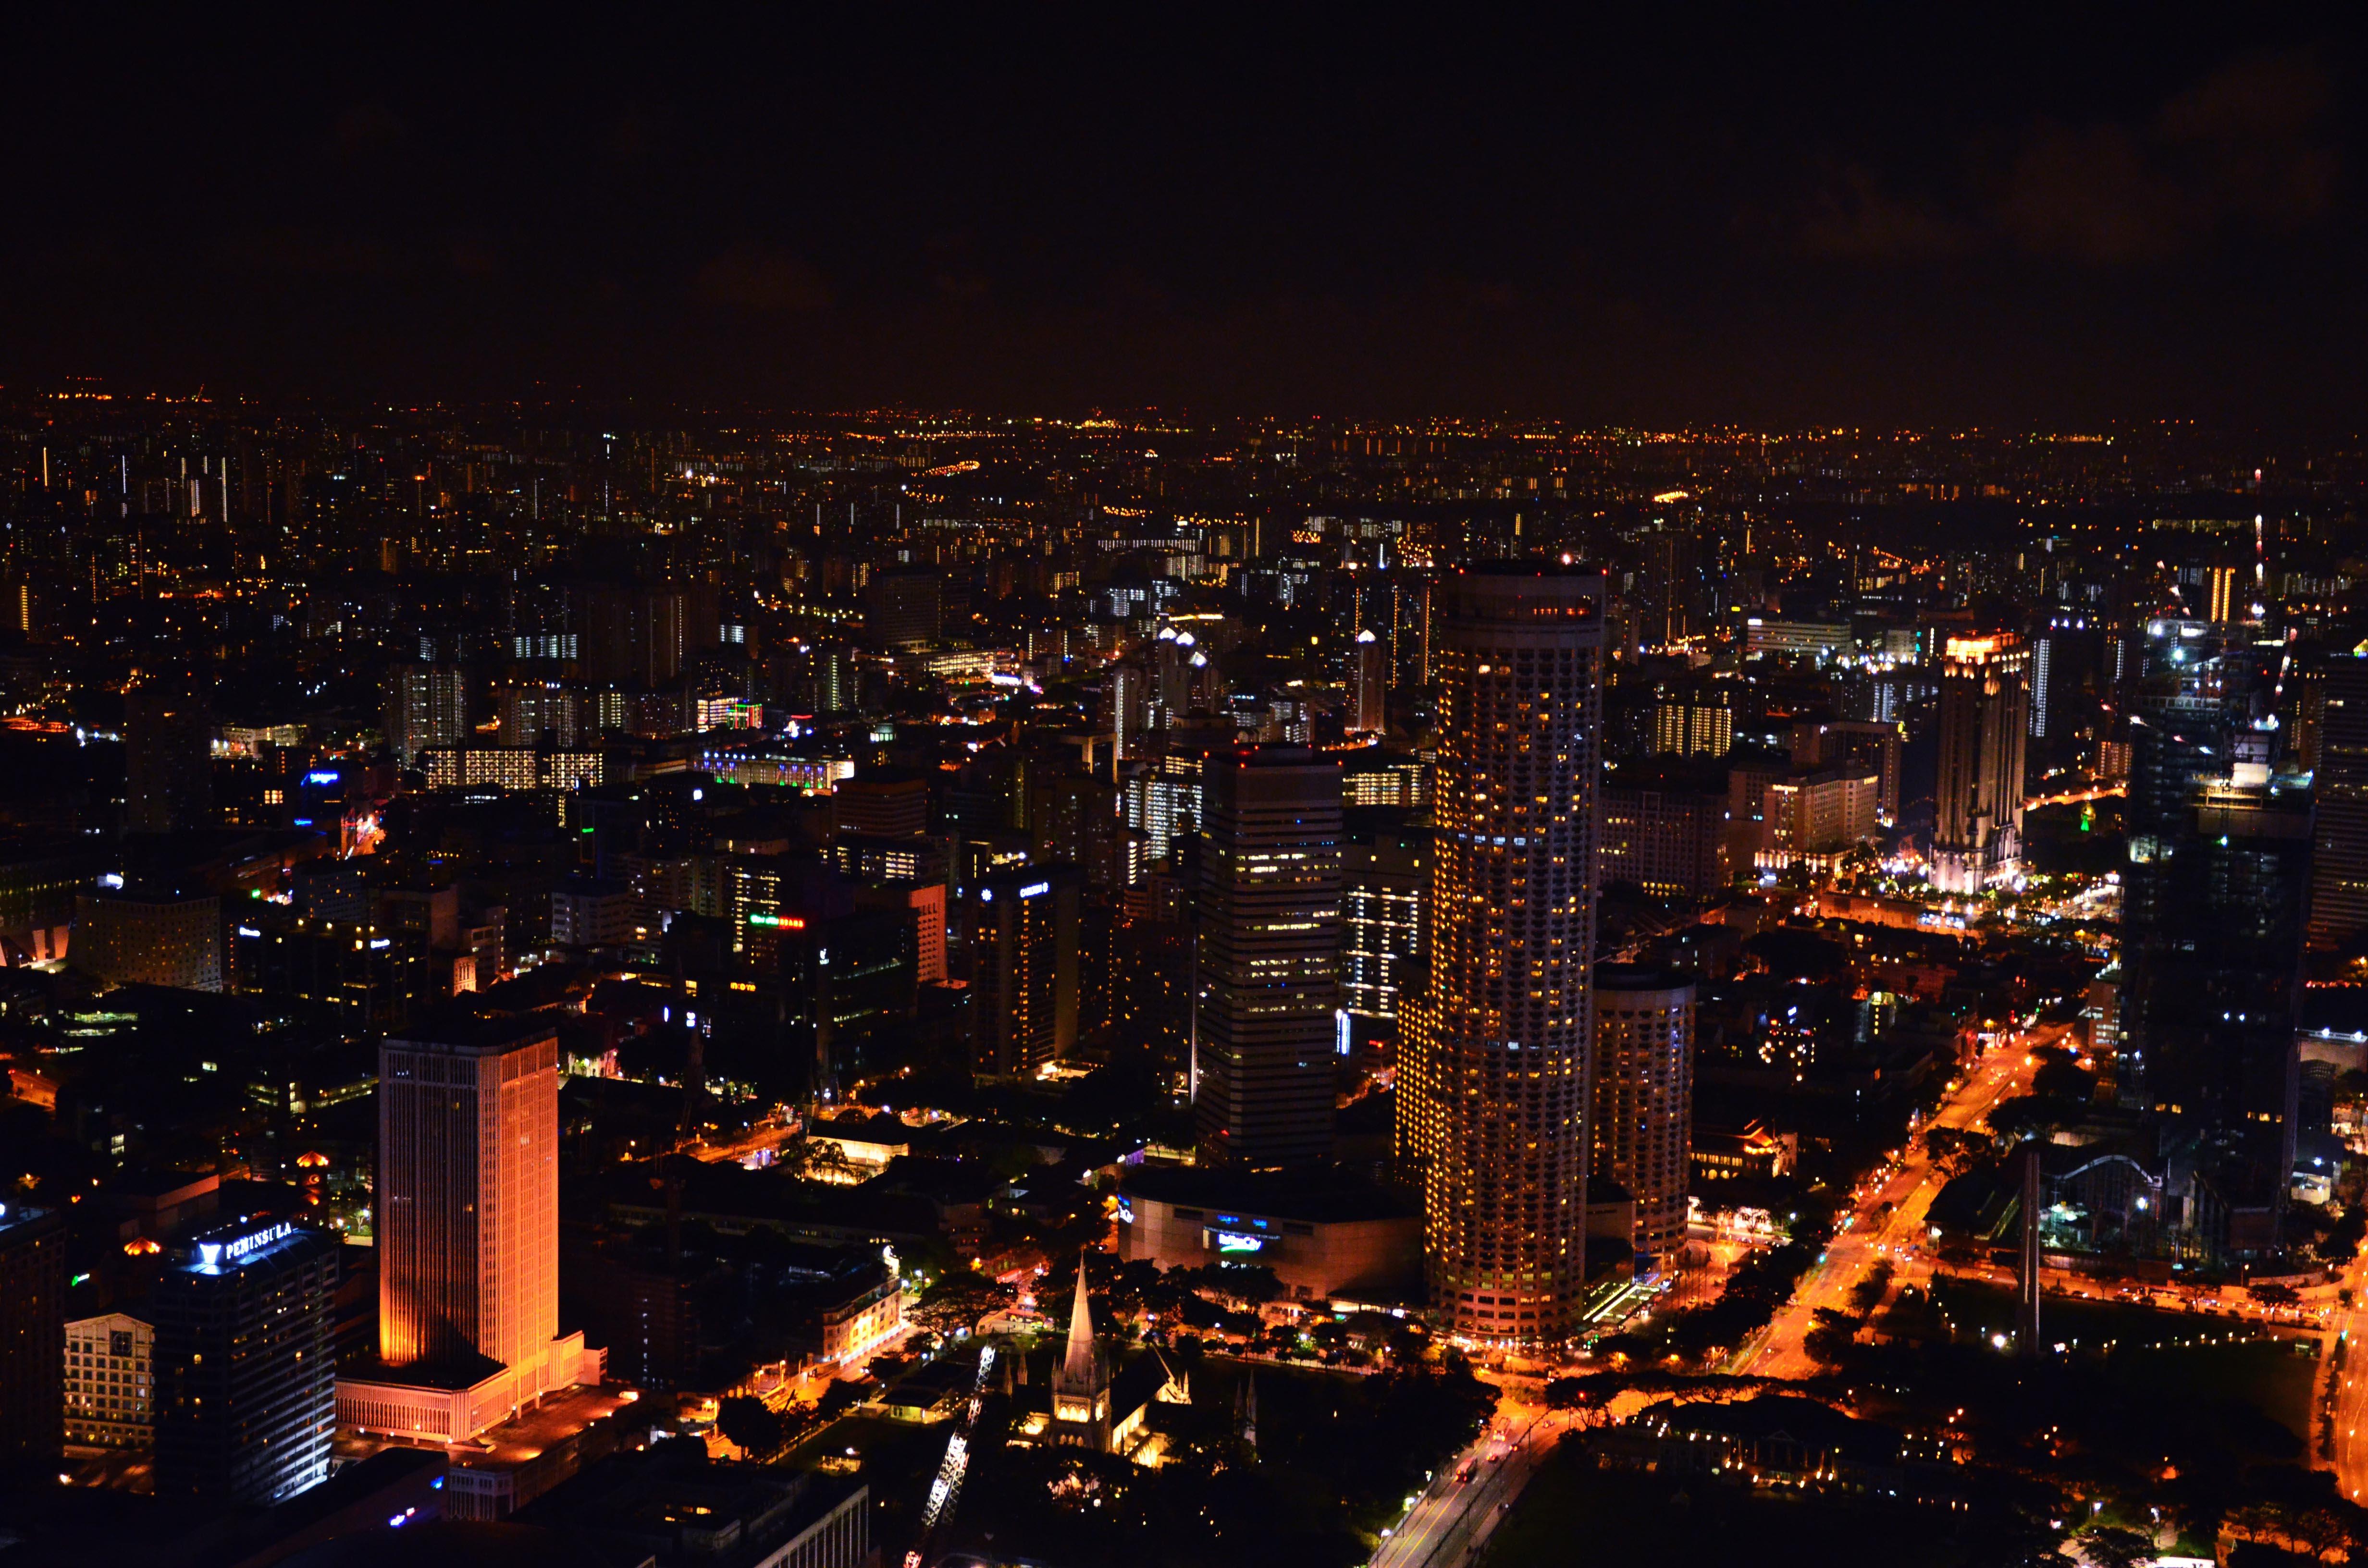 Singapur von oben - aufgenommen von der höchsten Rooftopbar der Stadt 1 Alttitude